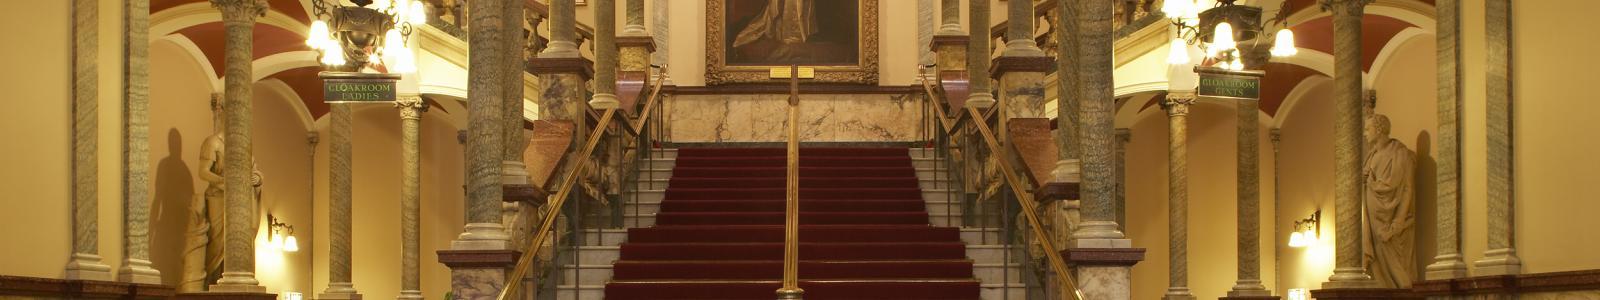 Hull City Hall main staircase